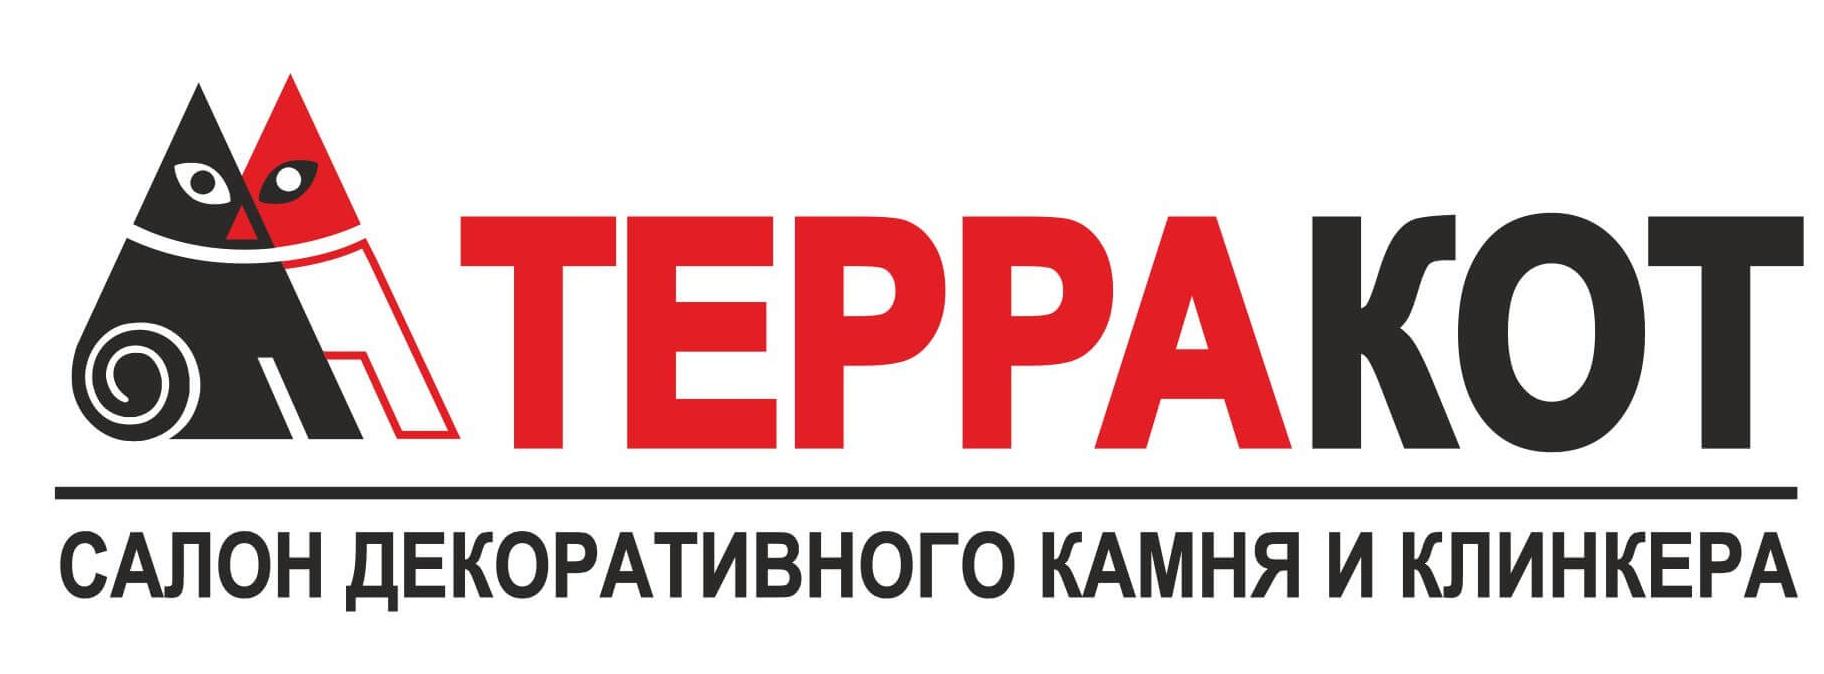 2016-03-11-логотип ТерраКот 2 конадизайн